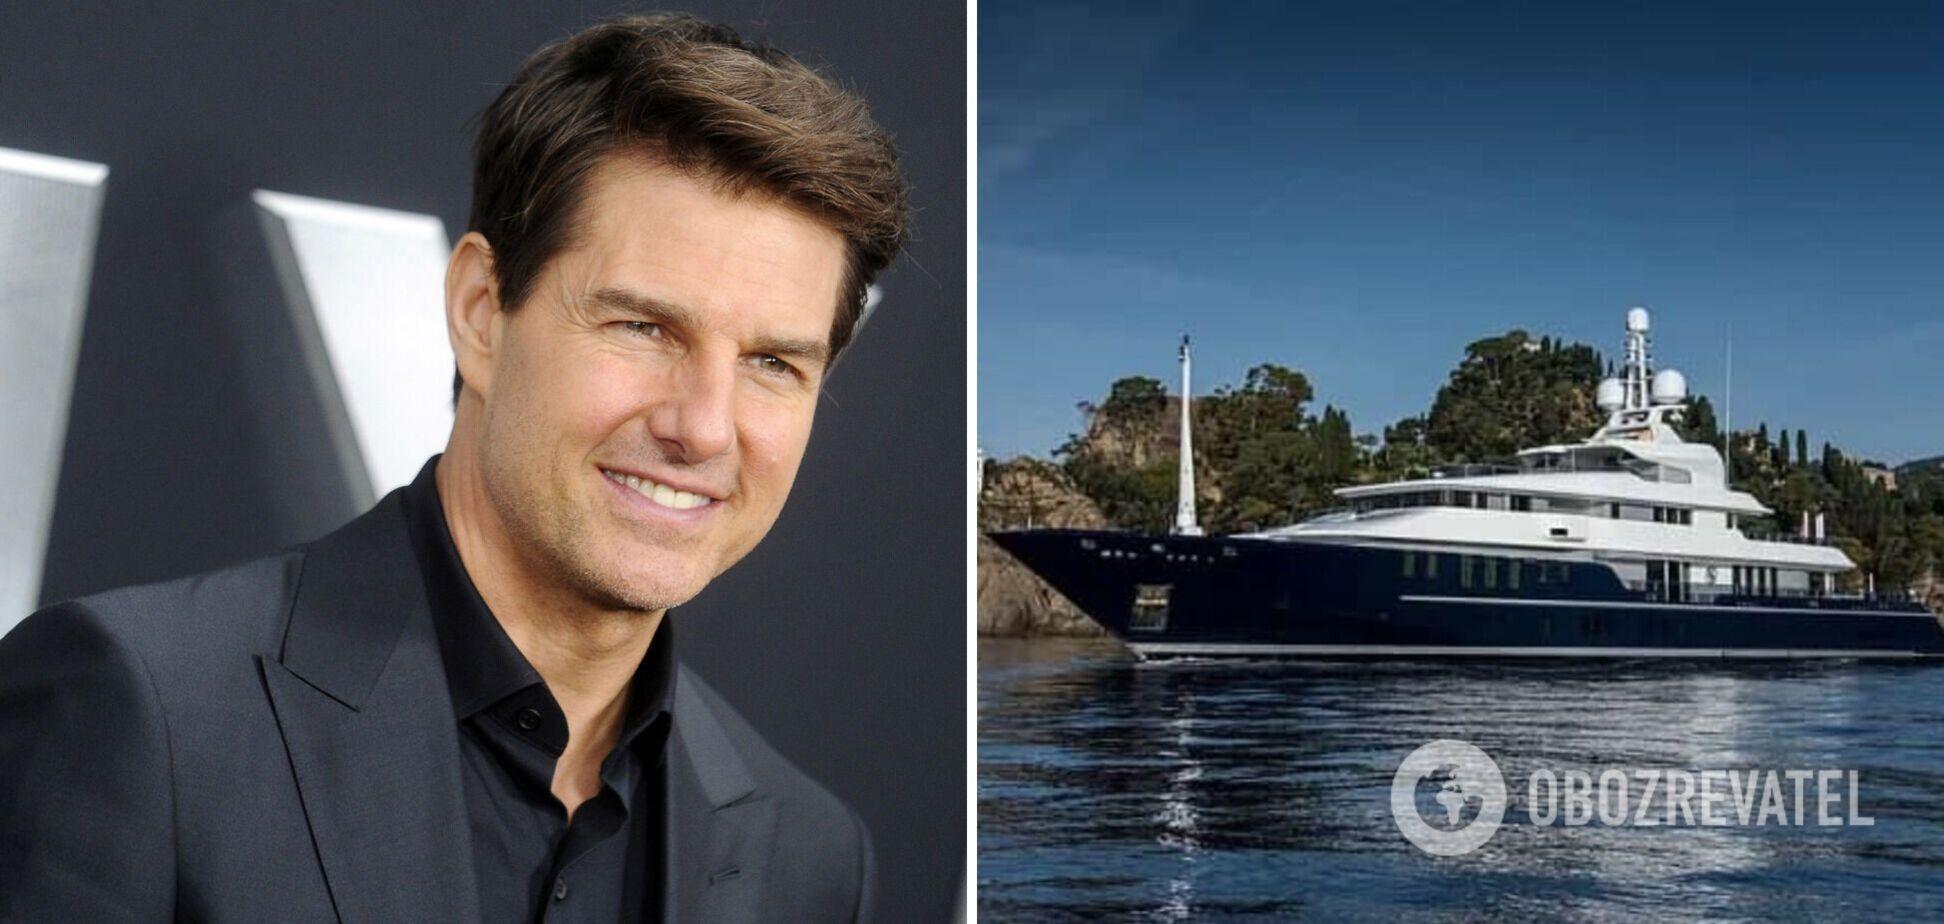 Том Круз отдыхает на яхте за 44 млн долларов: как она выглядит изнутри